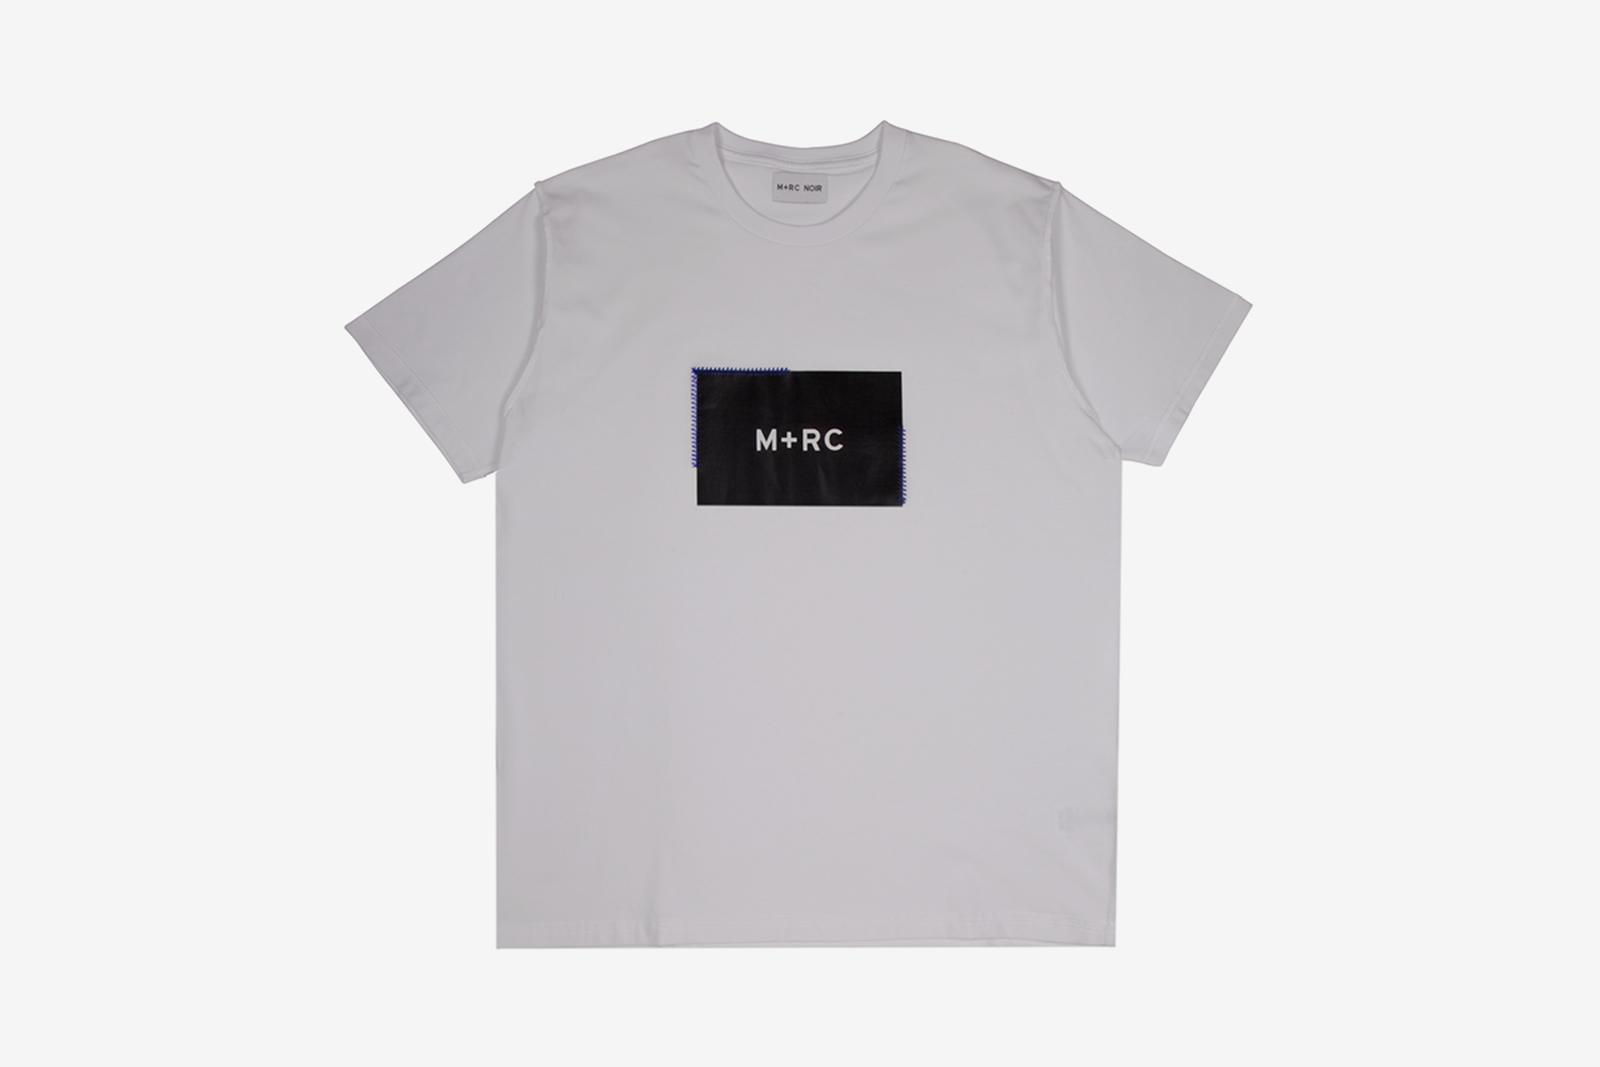 M RC NOIR box logo tee white black front 1024x1024 M+RC NOIR SS18 playboi carti